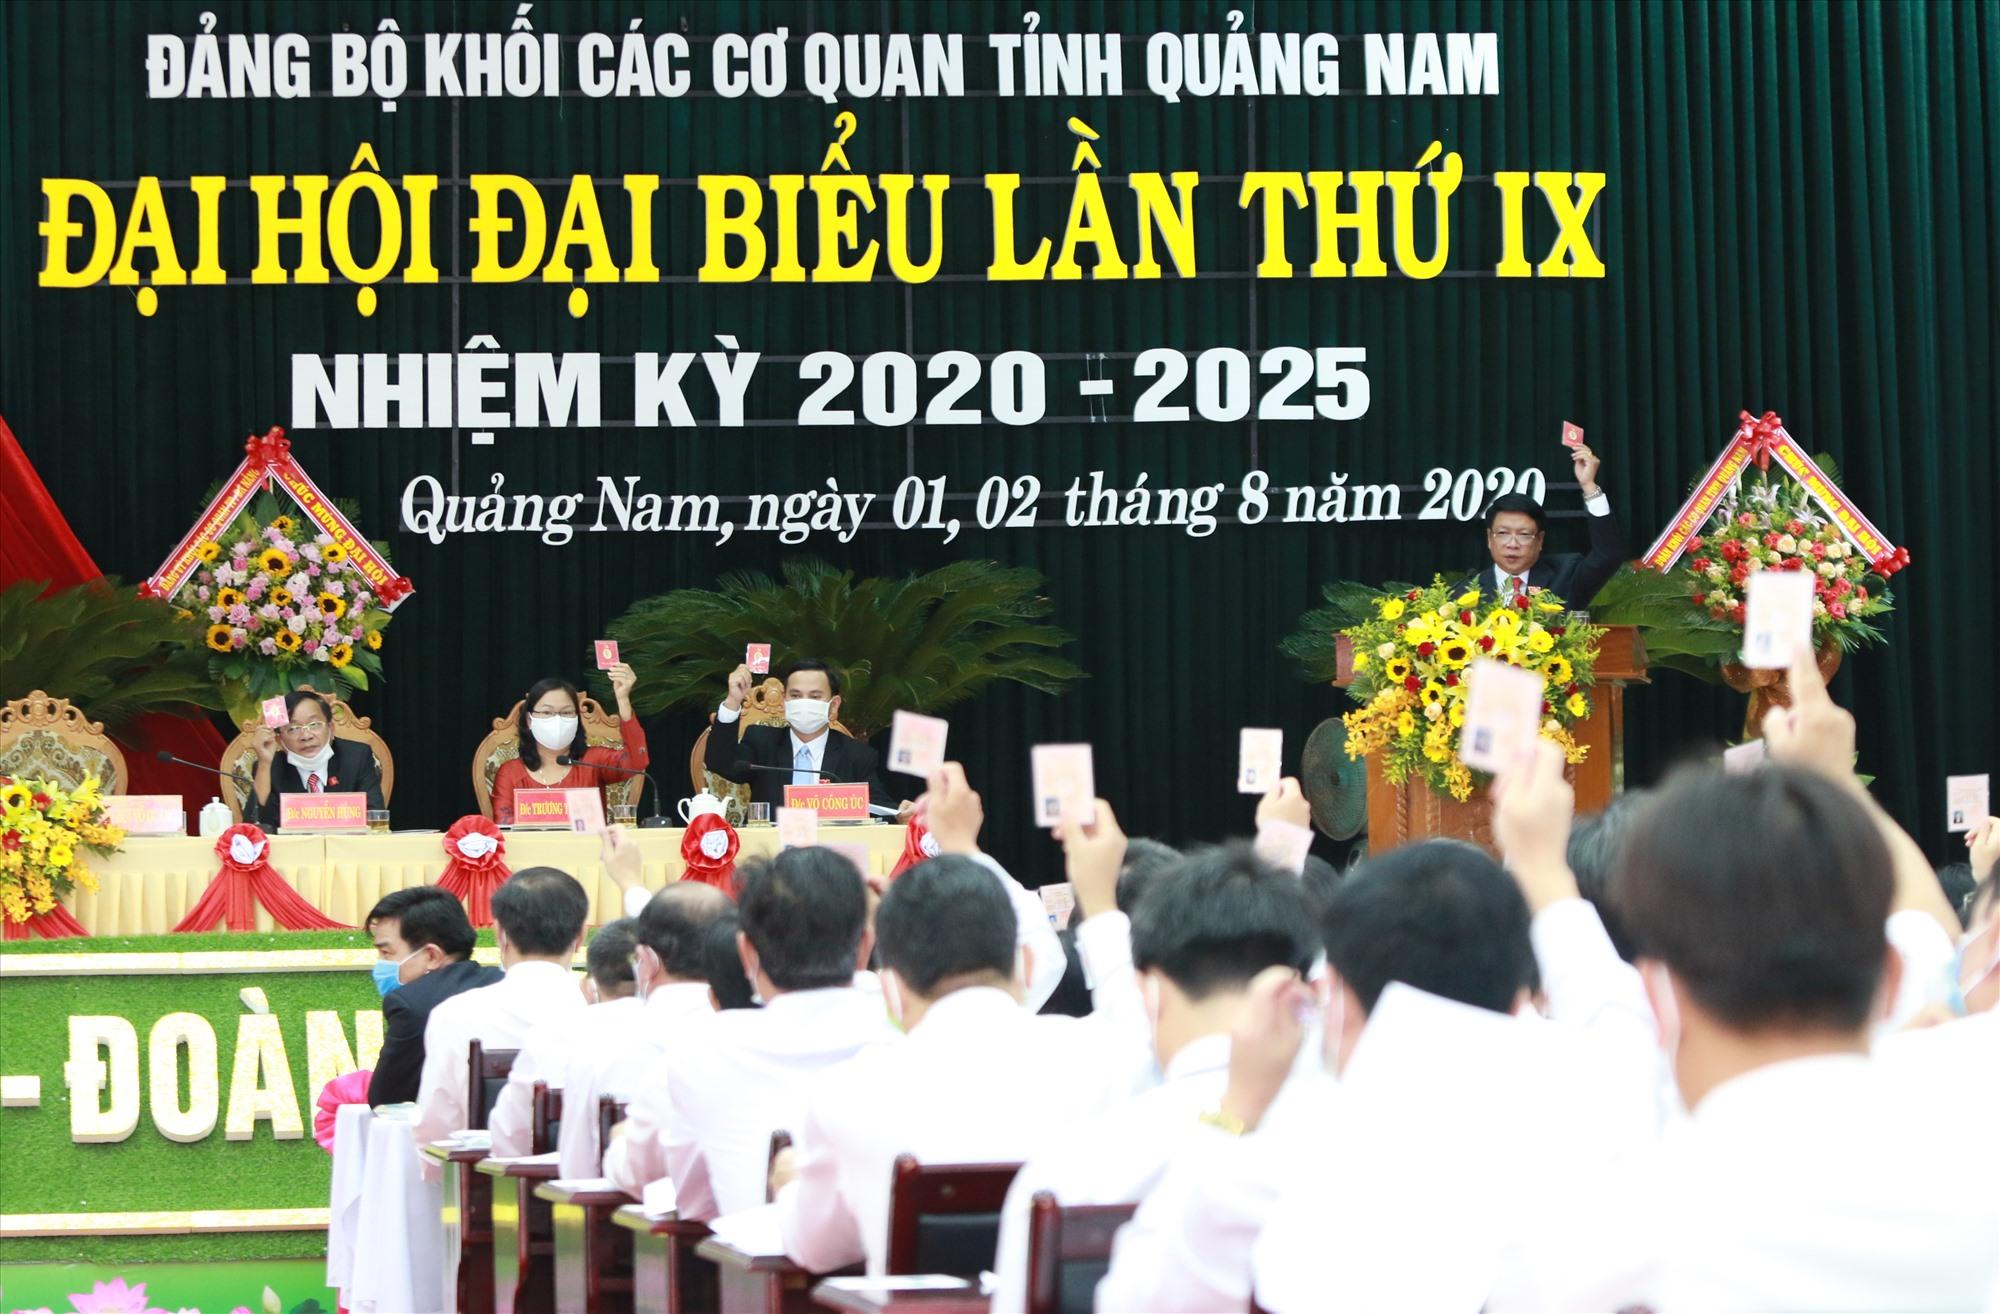 Đại hội đại biểu Đảng bộ Khối các cơ quan tỉnh nhiệm kỳ 2020 - 2025 đã nghiêm túc phân tích, đề ra giải pháp thực hiện hiệu quả chỉ tiêu đại hội đề ra. Ảnh: N.ĐOAN